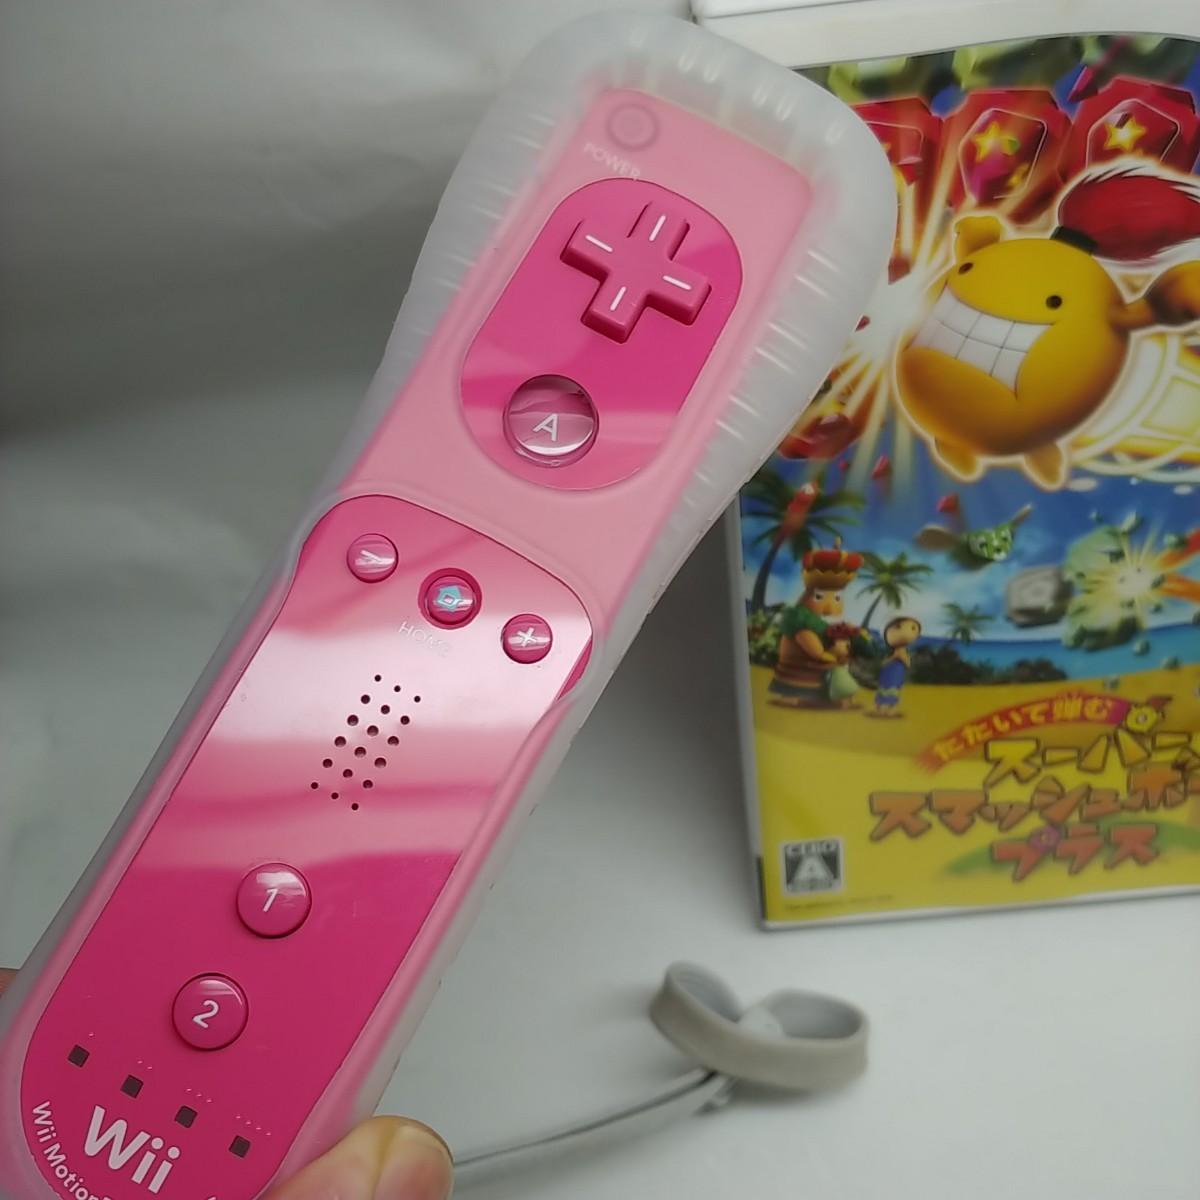 【Wii】 たたいて弾む スーパースマッシュボール・プラス Wiiリモコンプラス付き